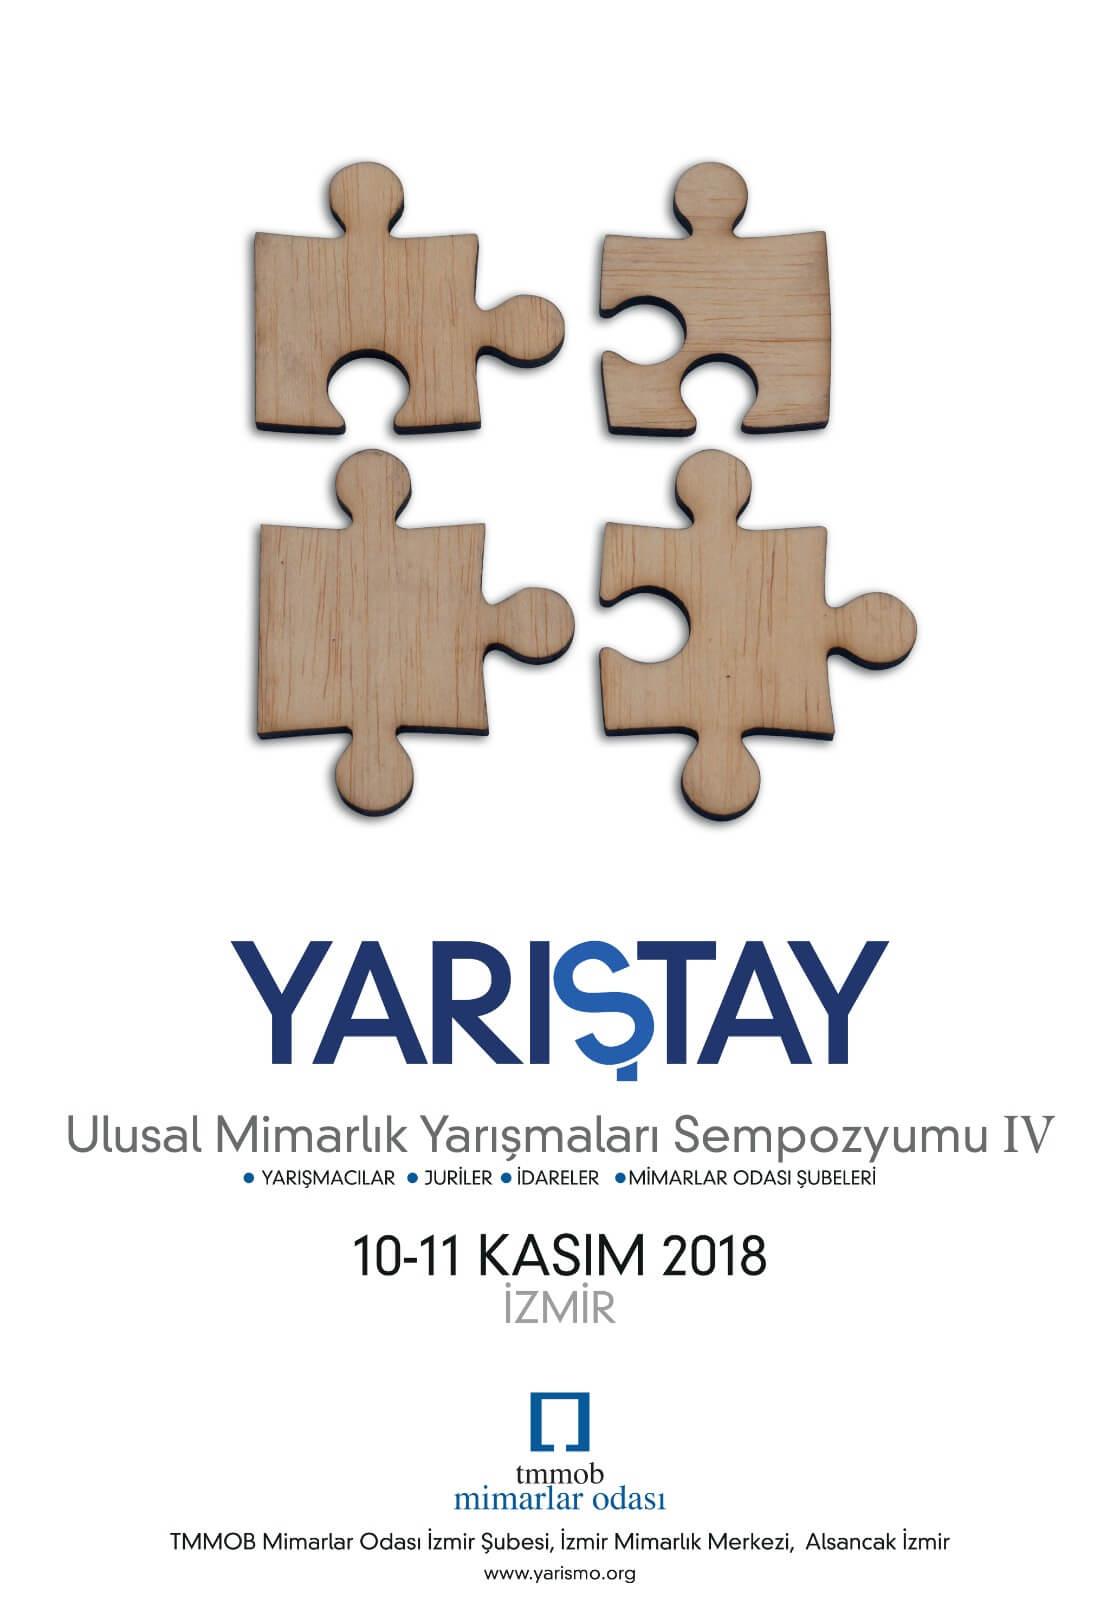 yaristay-2018